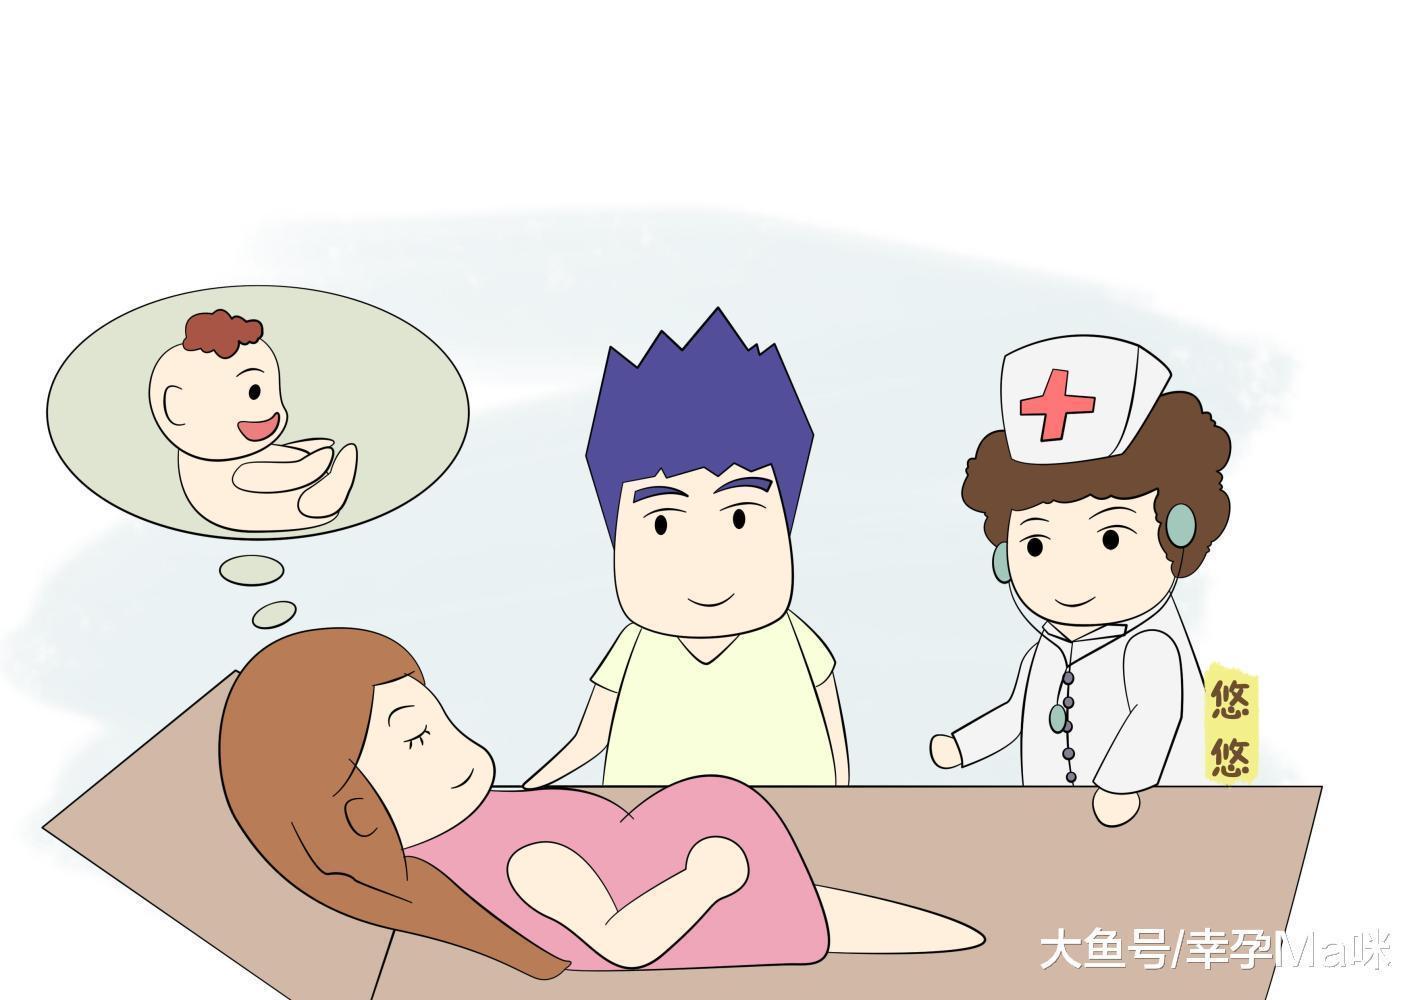 顺产分娩, 可不是只有孕妈努力, 腹中胎儿也是很卖力的